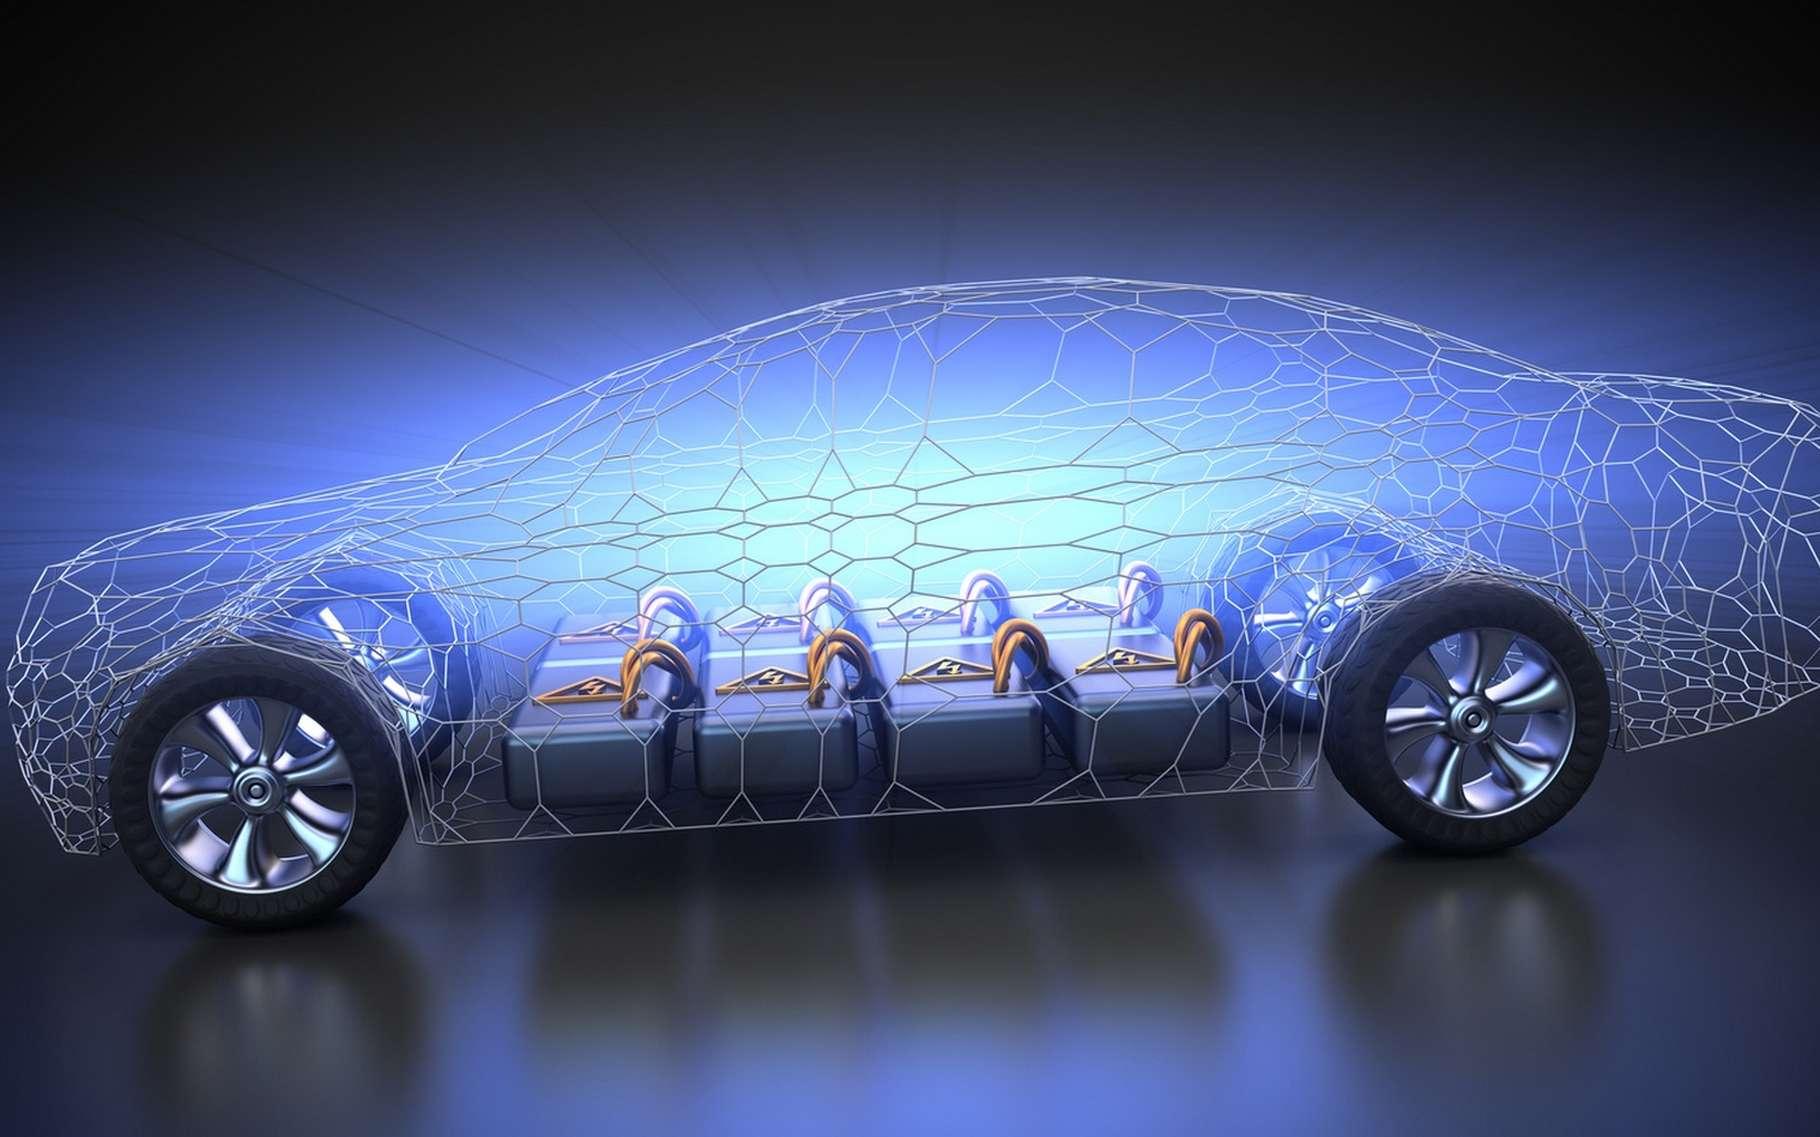 Dans les batteries des voitures électriques, 50 % de l'espace est occupé par la connectique et les compartiments qui protègent chaque cellule. © Patrick P. Palej, Fotolia